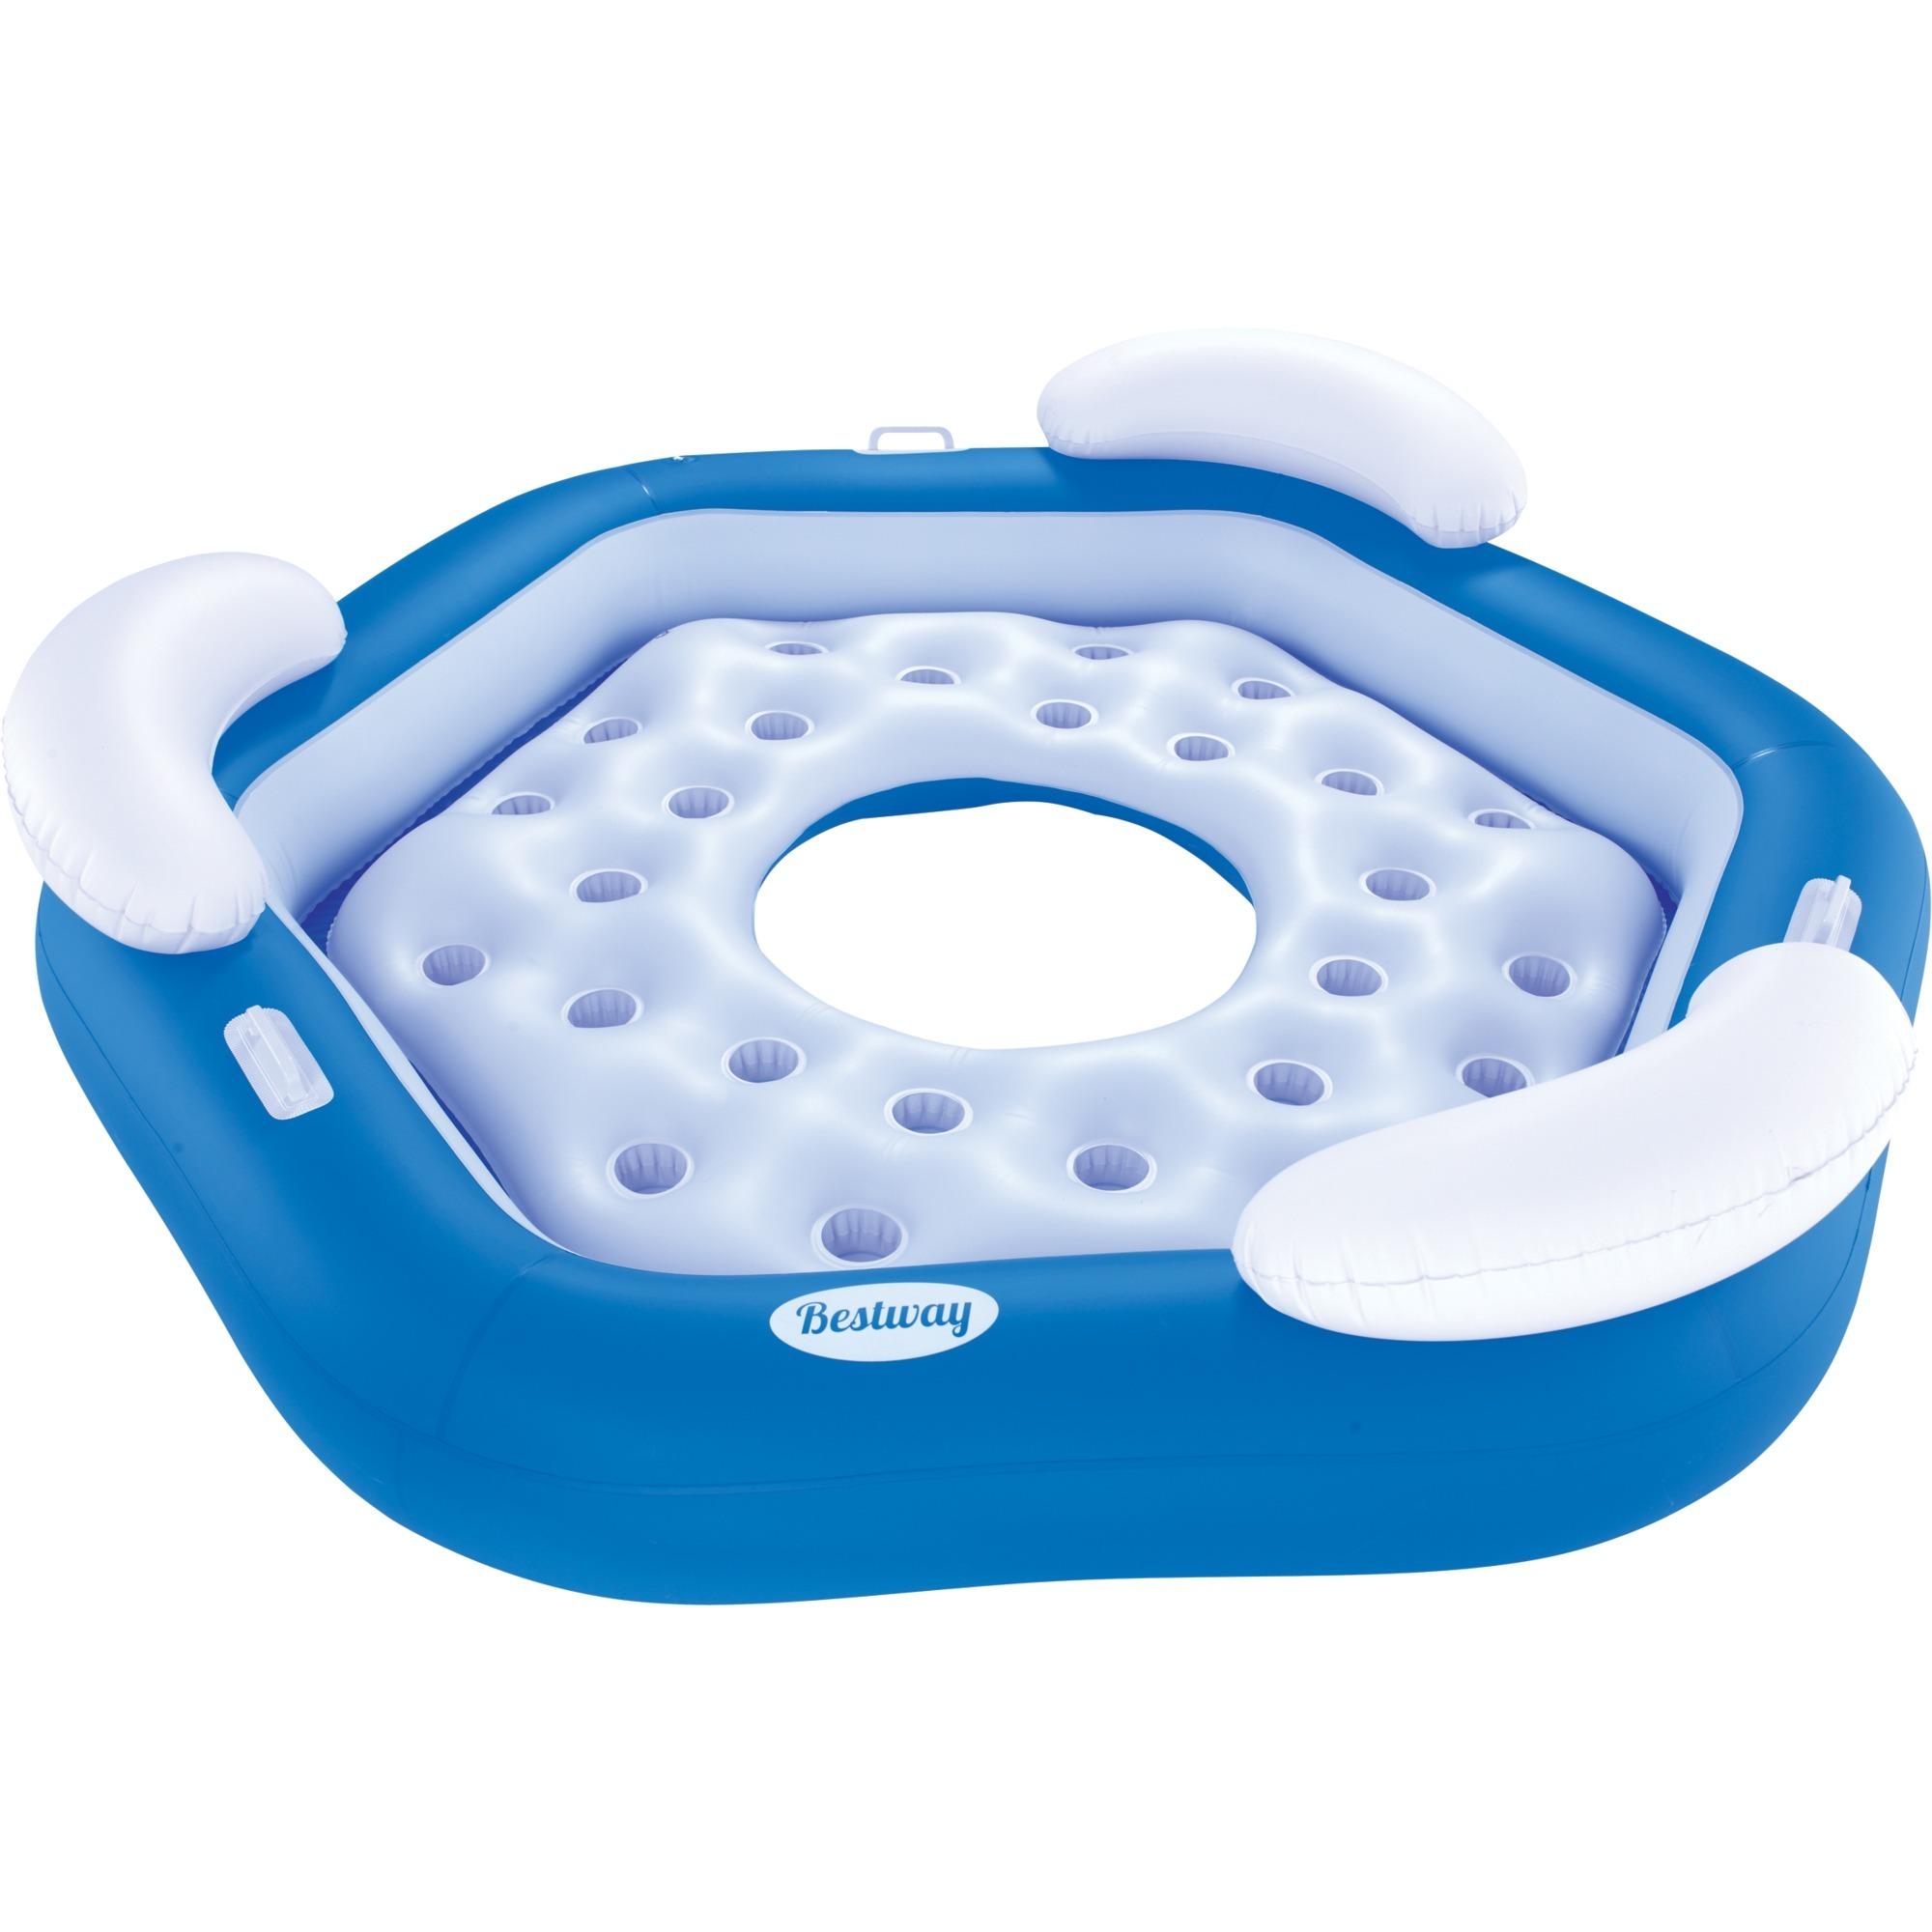 43111 flotador para piscina y playa Azul, Blanco Isla flotante Vinilo, Productos de inflación